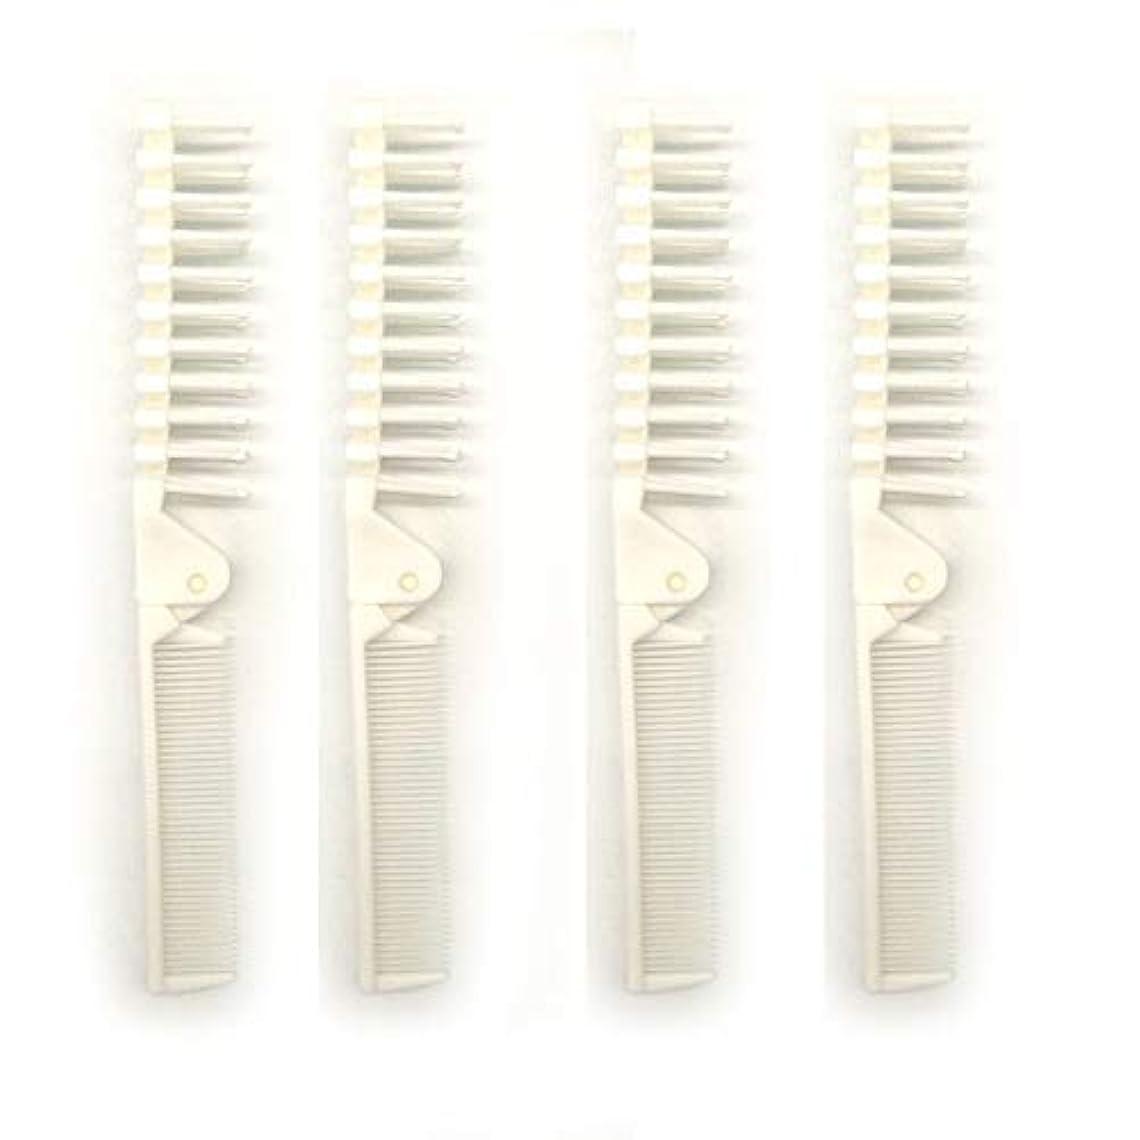 実施する最適上流のPUTYSUUN Portable Travel Size Comb Brush Combo Folding, Antistatic Pack of 4 [並行輸入品]